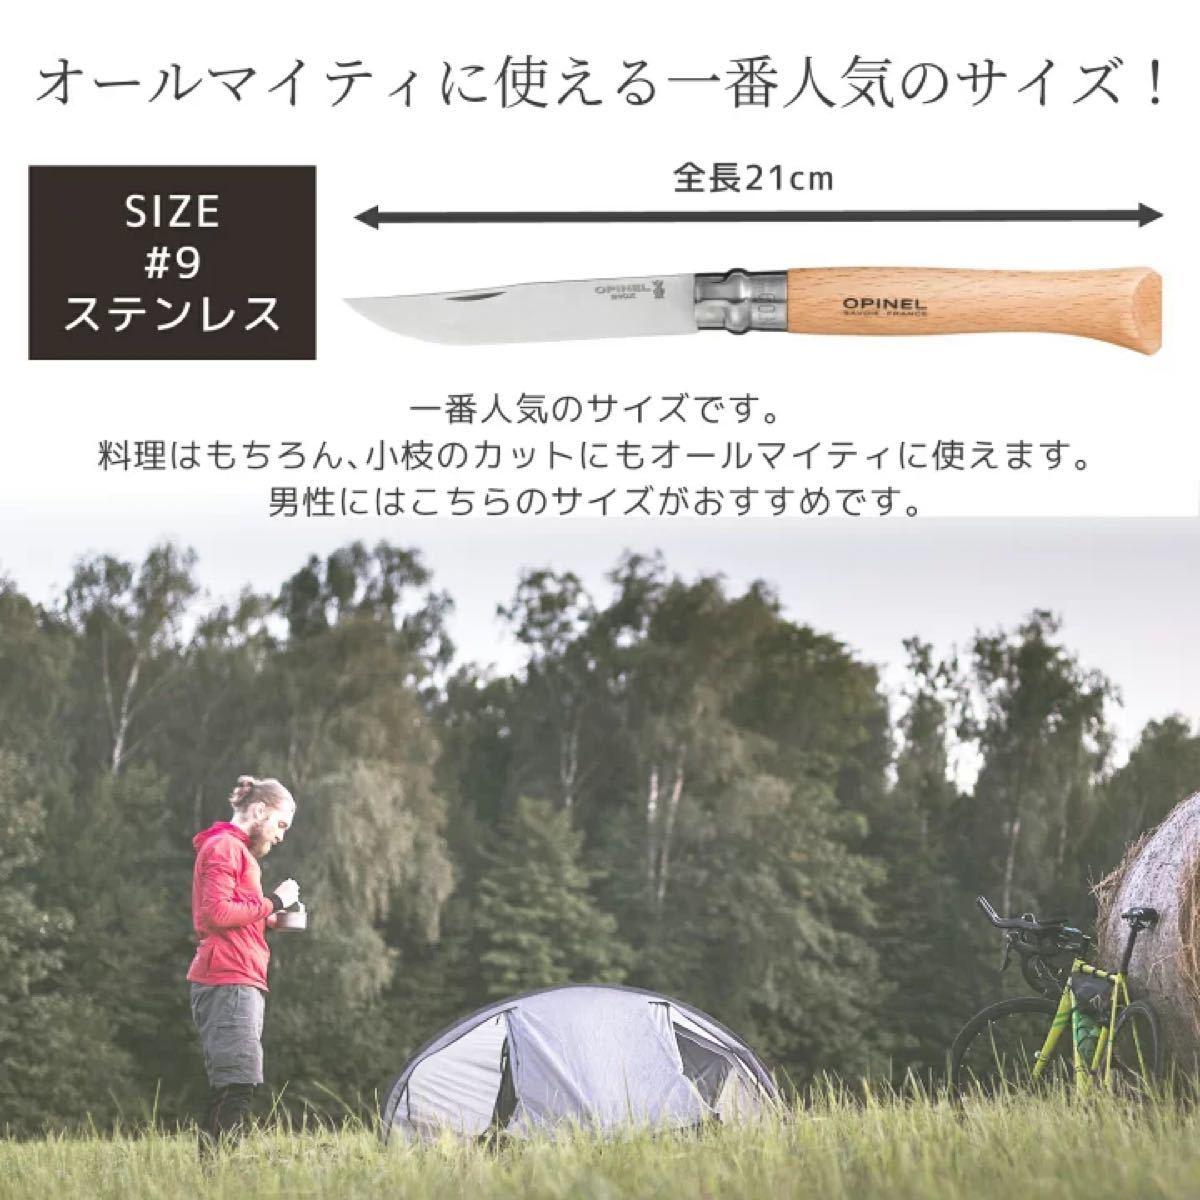 オピネルナイフ #9 9cm  新品 ソロキャンプに オススメ OPINEL キャンピング サバイバルナイフ